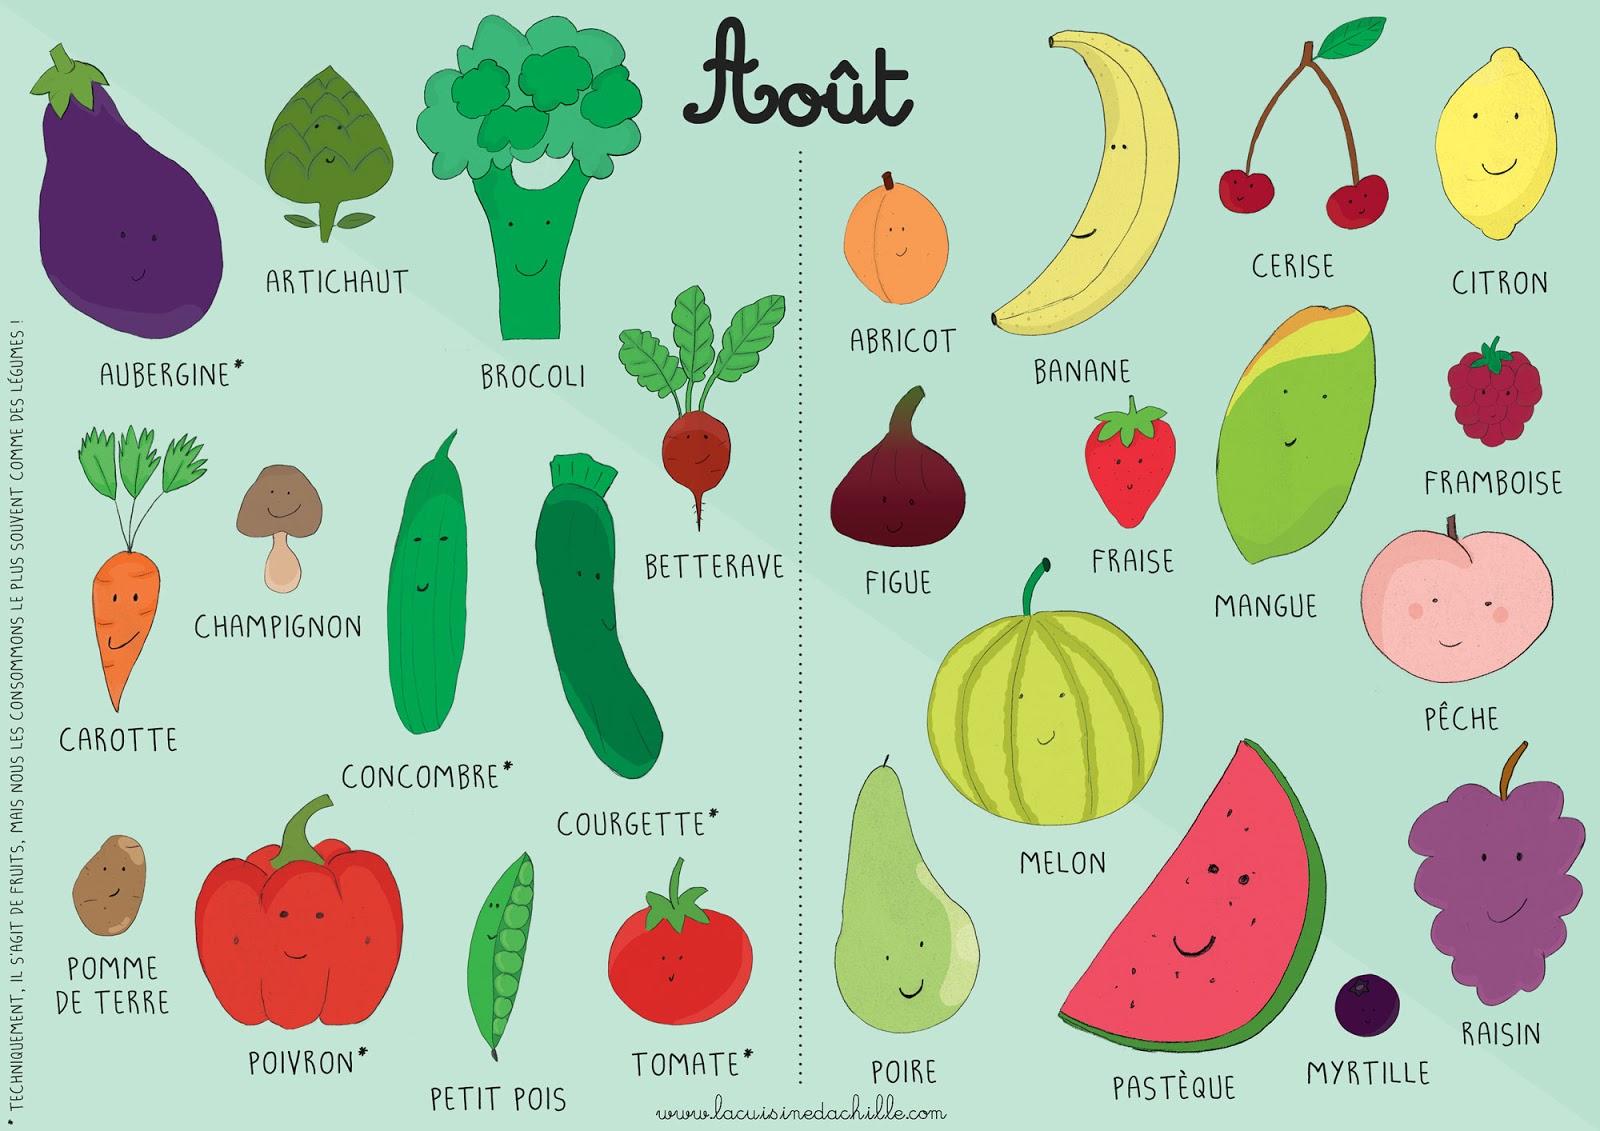 Calendrier Fruits Legumes.Calendrier Fruits Et Legumes Aout La Cuisine D Achille